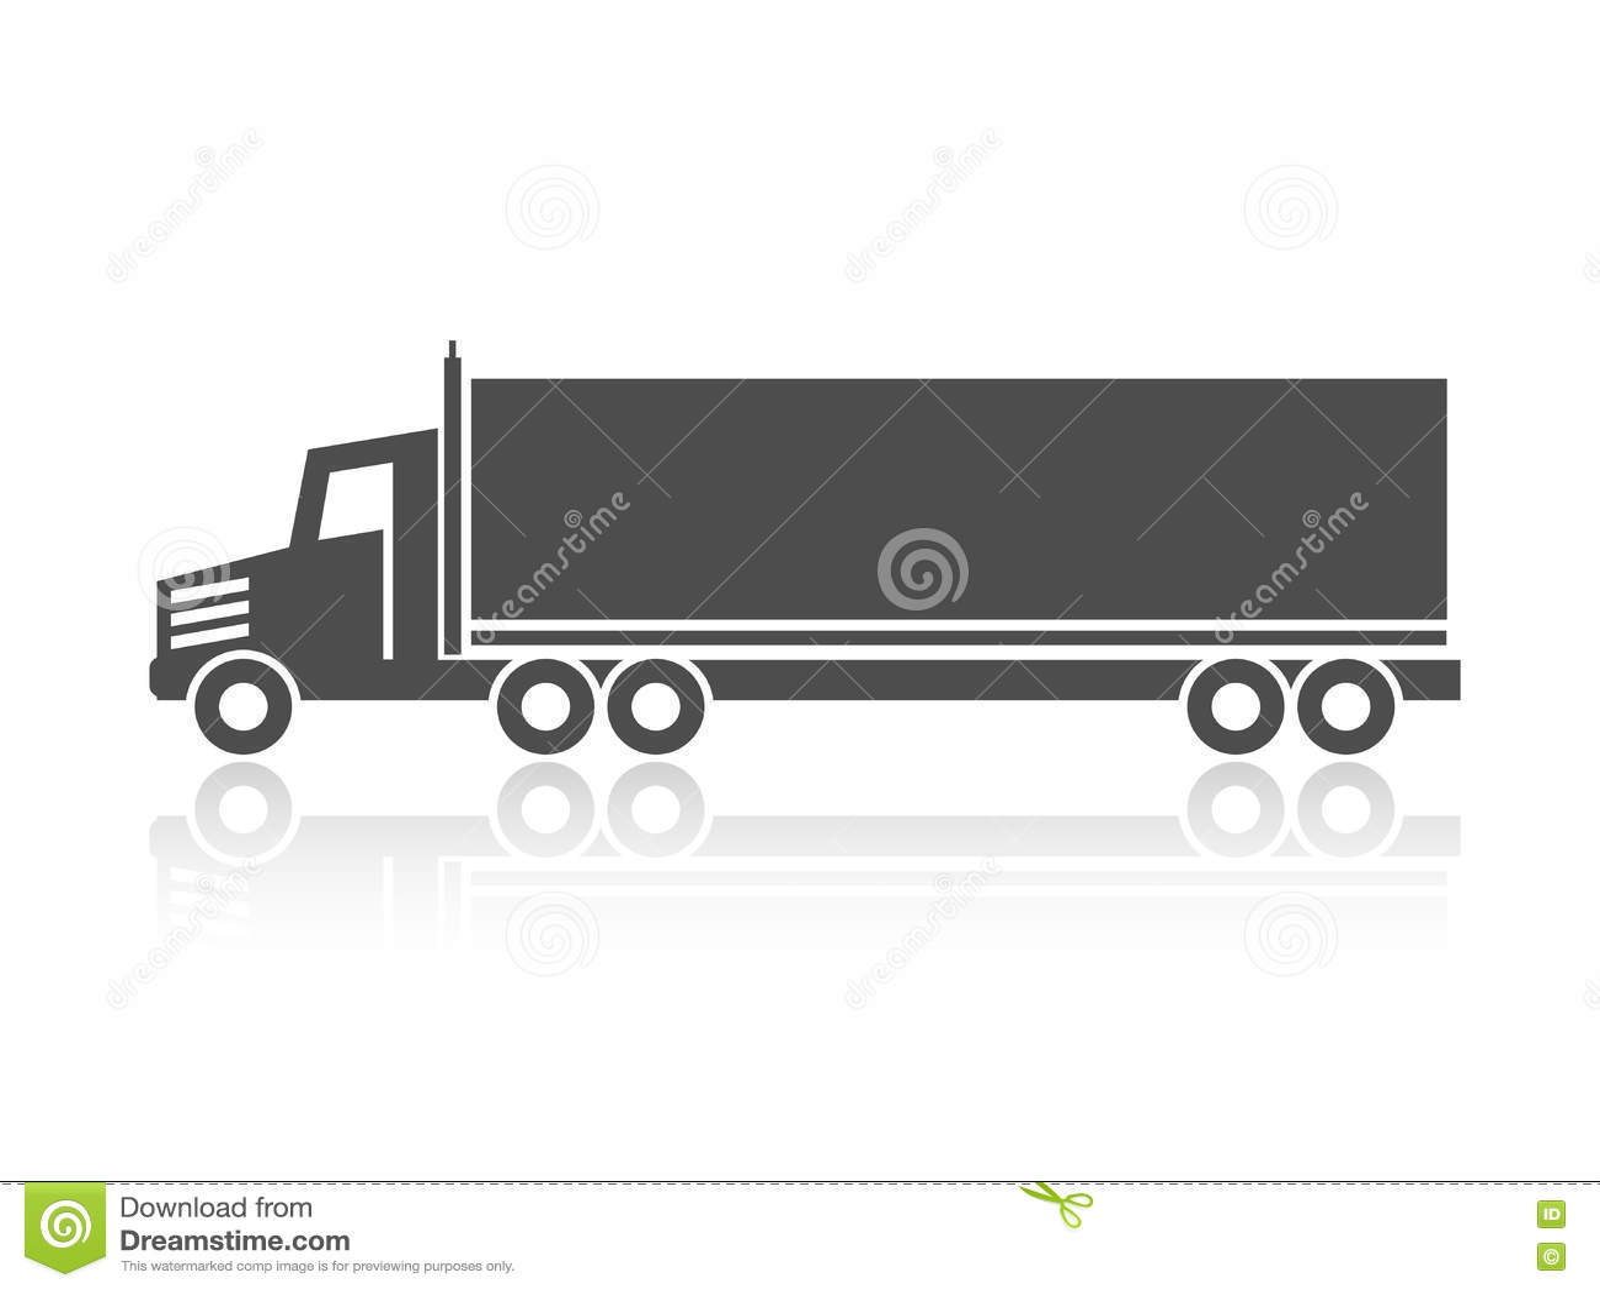 Σύμβολο της μεταφοράς, ναυτιλία εικονιδίων του κιβωτίου, σκιαγραφία του φορτηγού, φορτηγό Μονοχρωματικό σχέδιο